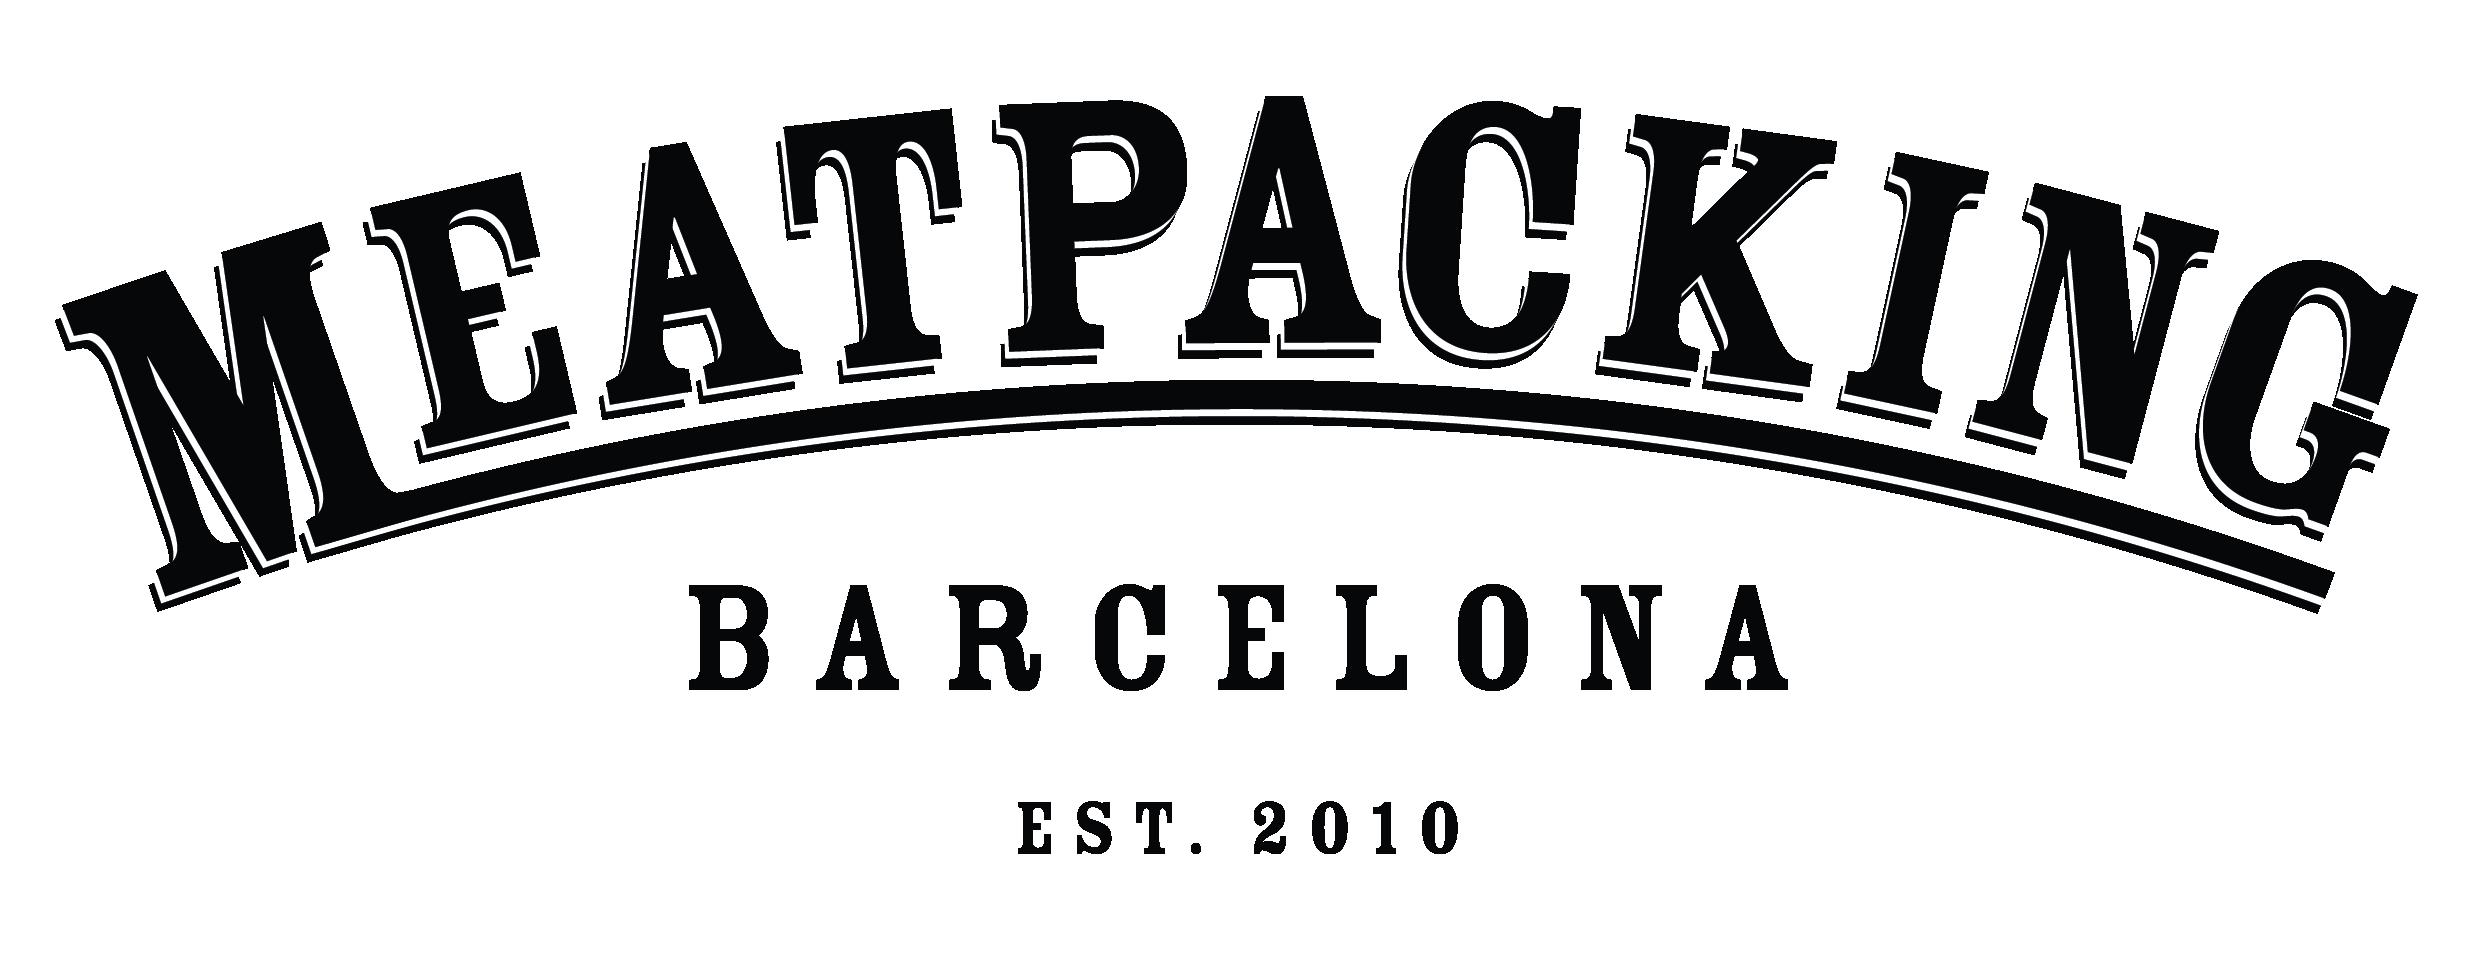 logo Meatpacking - hamburgueseria barcelona